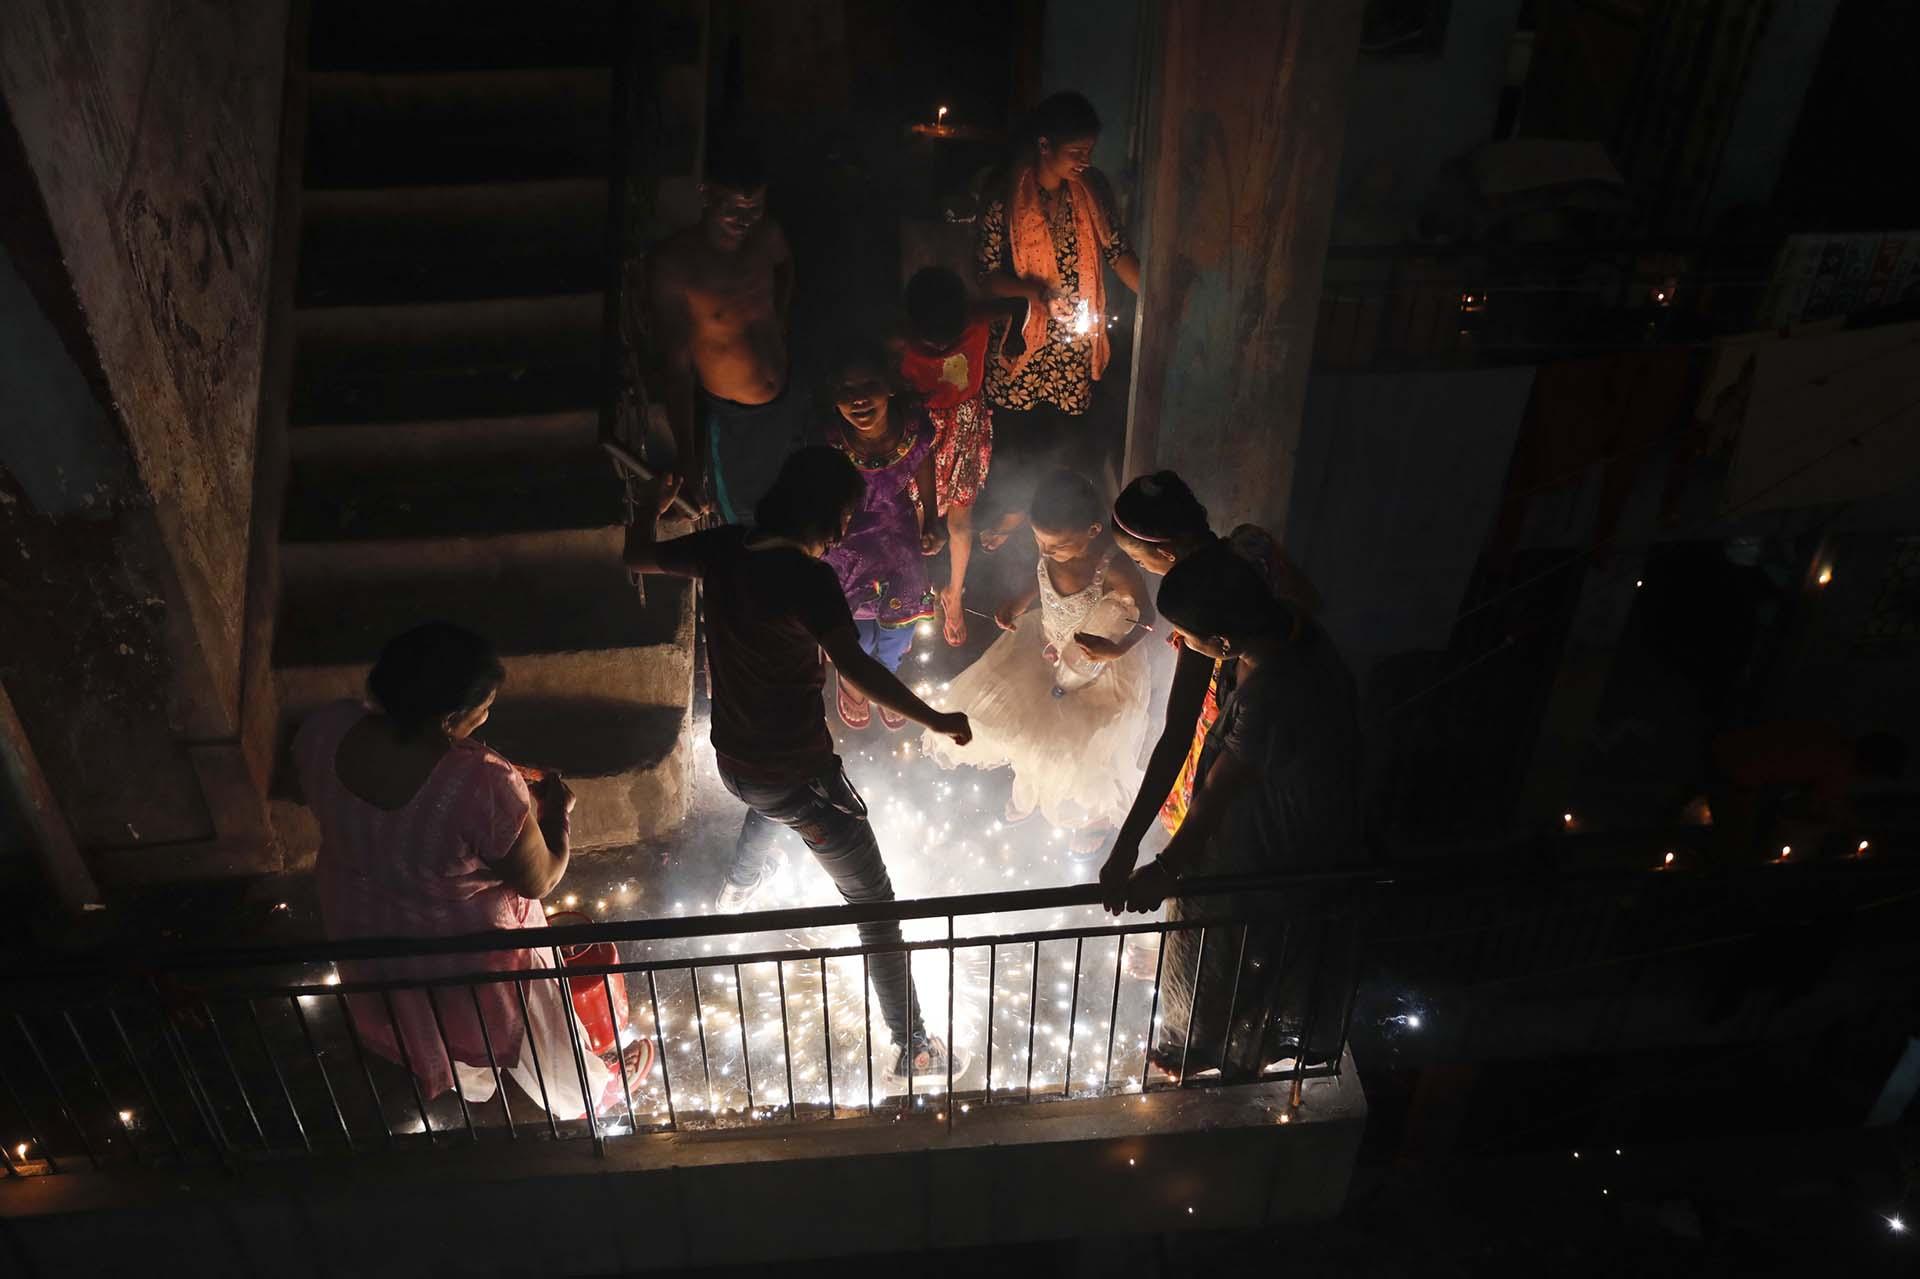 Aquí juegan con petardos durante el festival de Diwali en Nueva Delhi, India